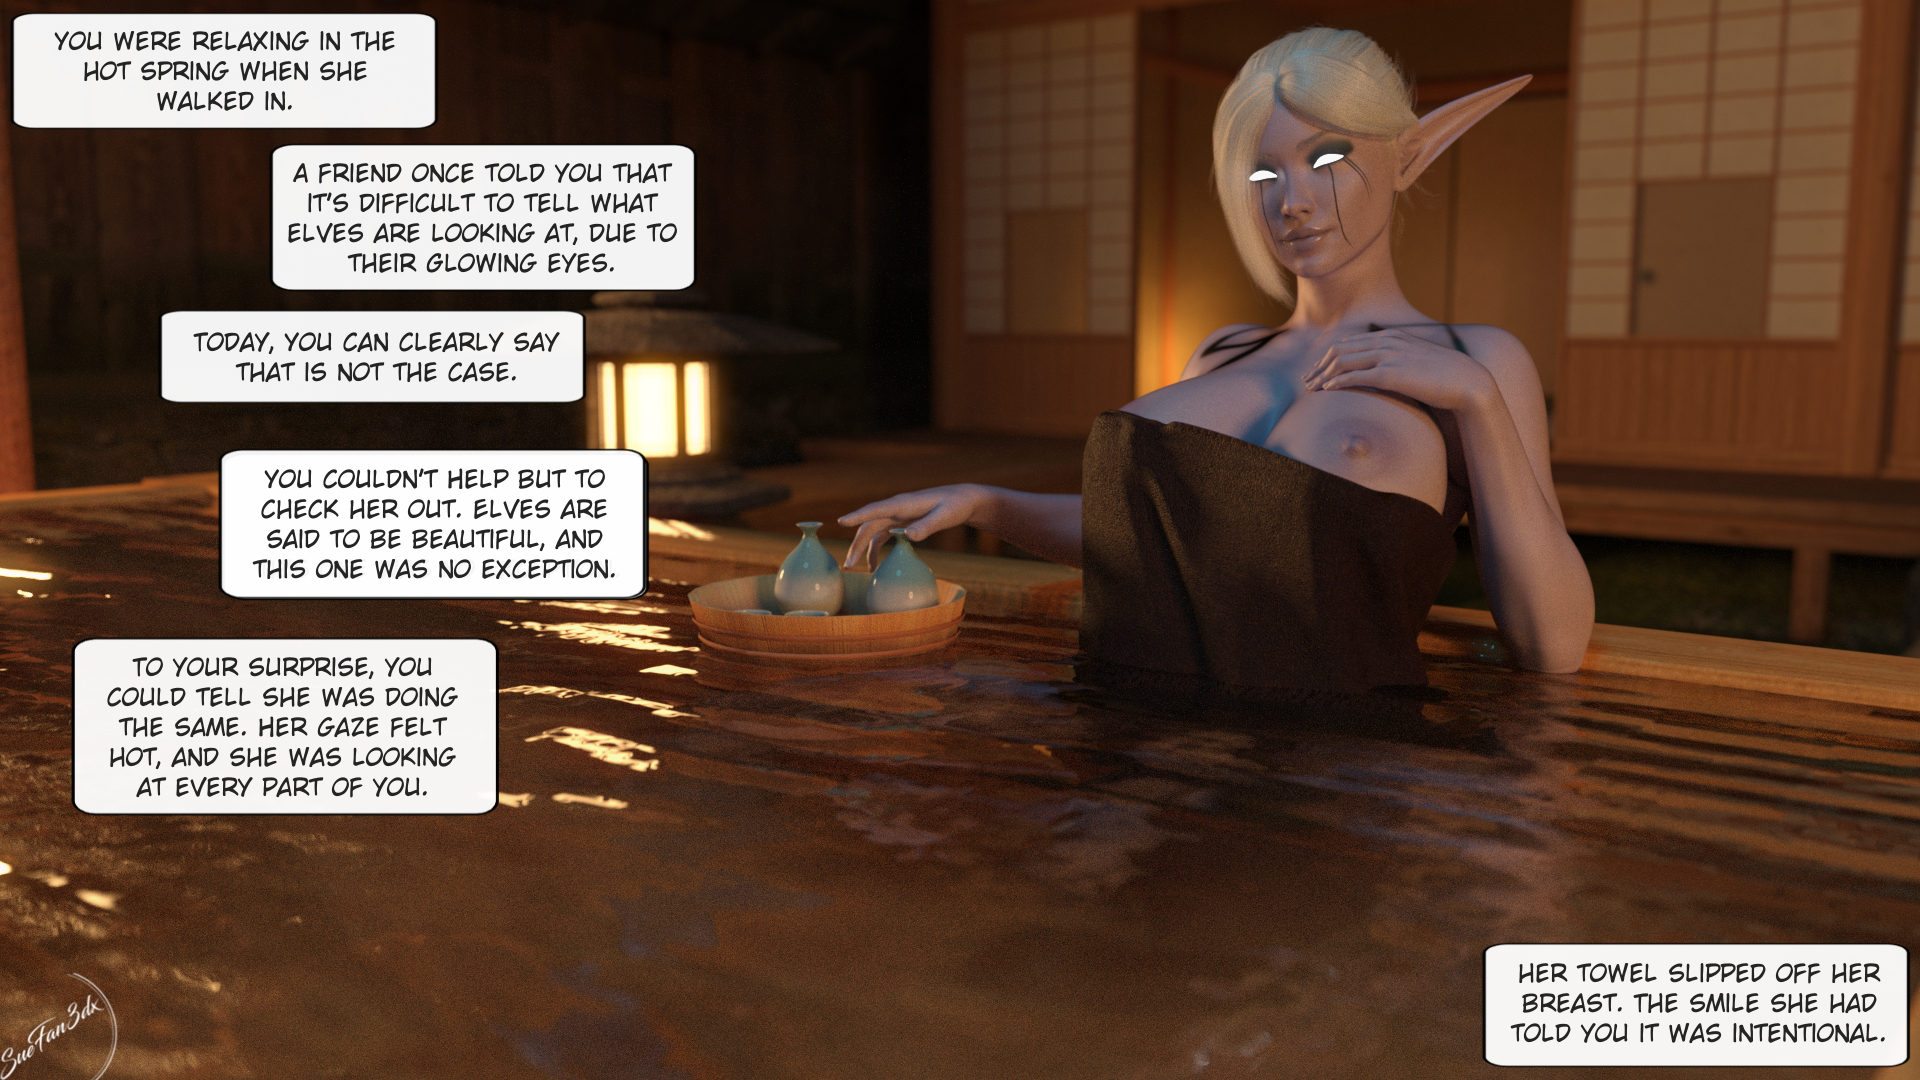 Hot spring encounter